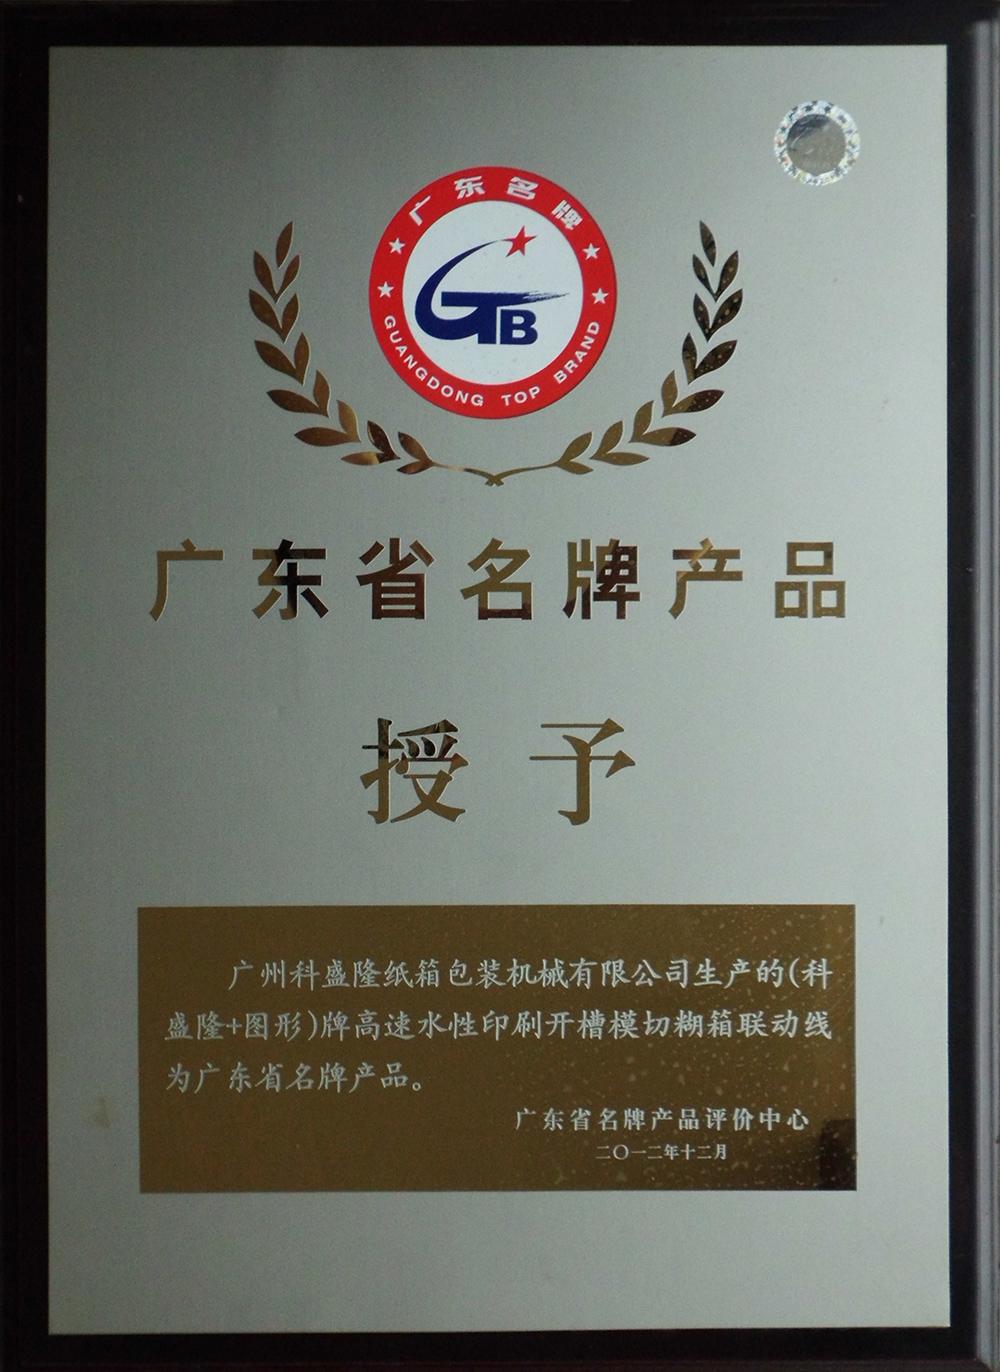 2012廣東省名牌產品